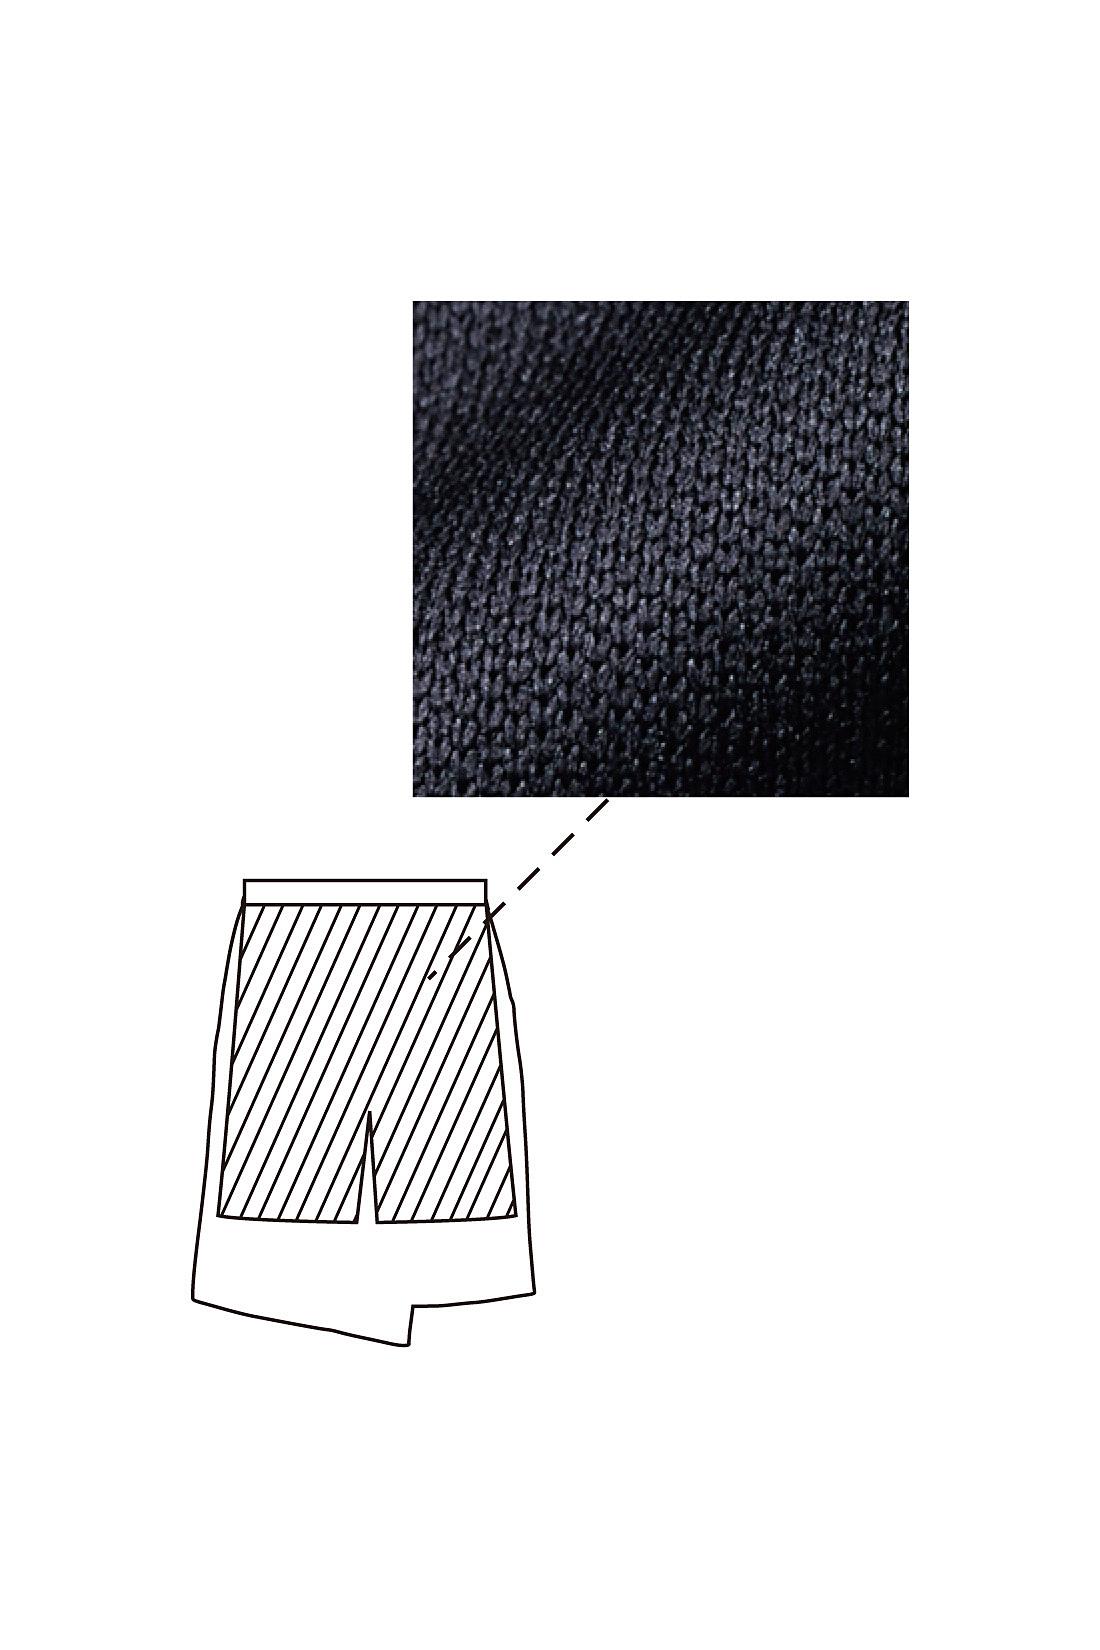 伸びやかなカットソー素材のインナーパンツ付き。タイツの上からはいてもOKなゆとり設計。